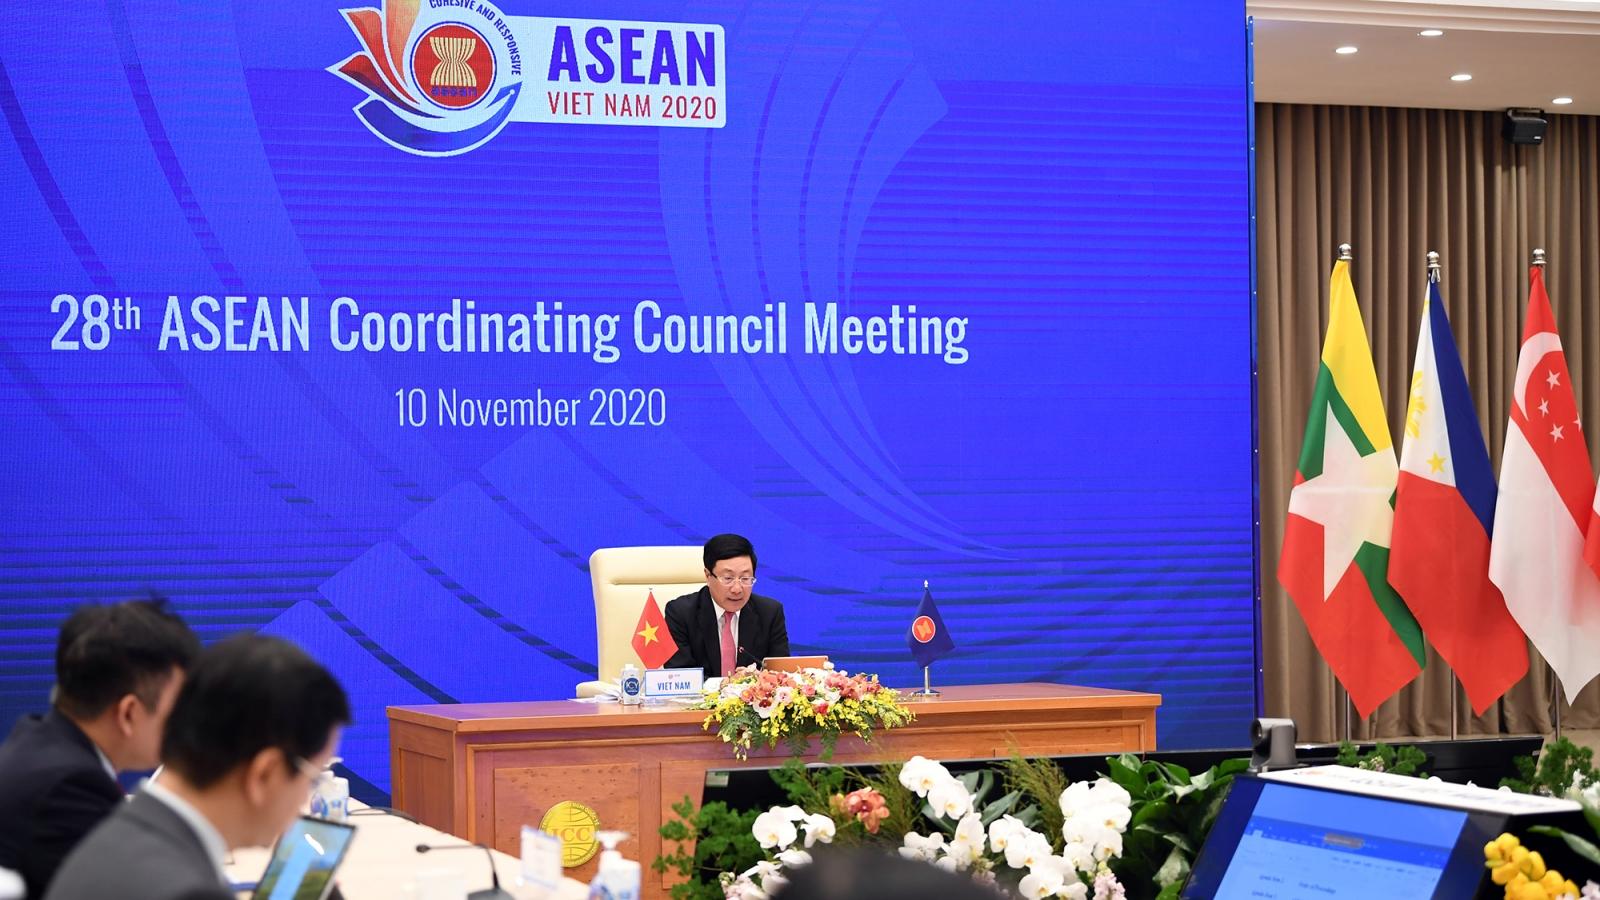 ASEAN nhất trí cần có những bước đi cụ thể nhằm phát triển tiểu vùng Mekong